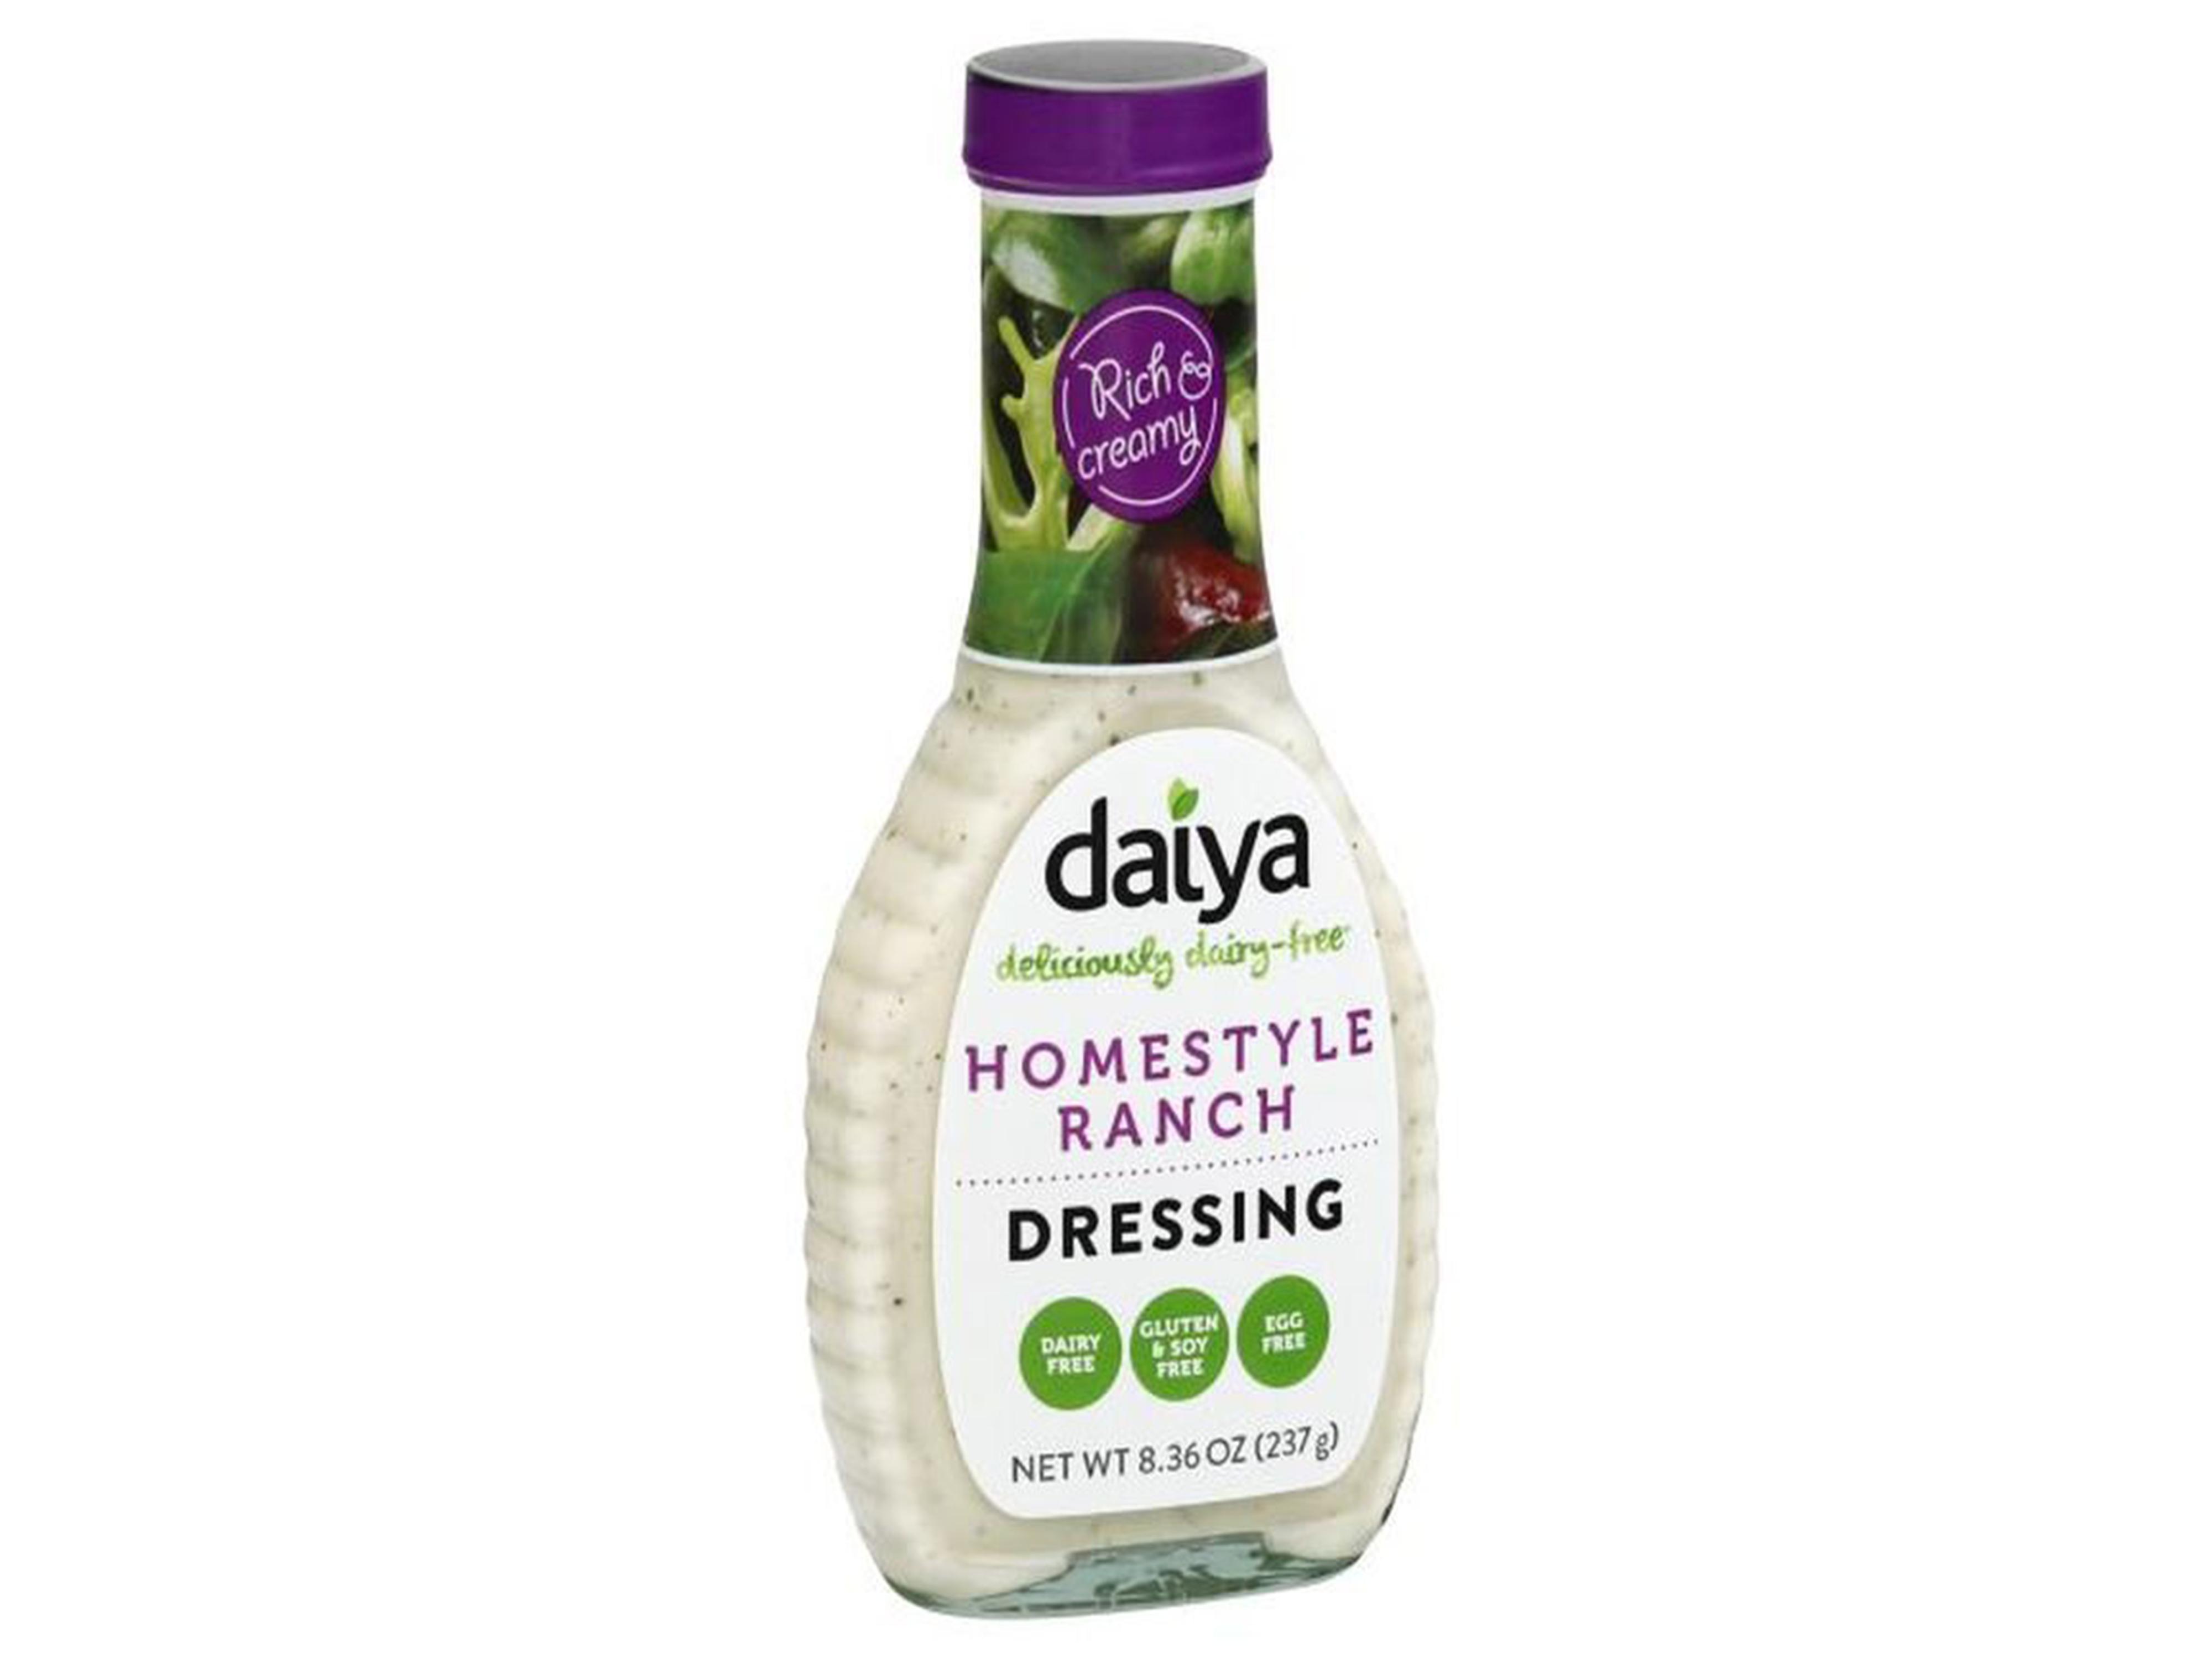 daiya-ranch